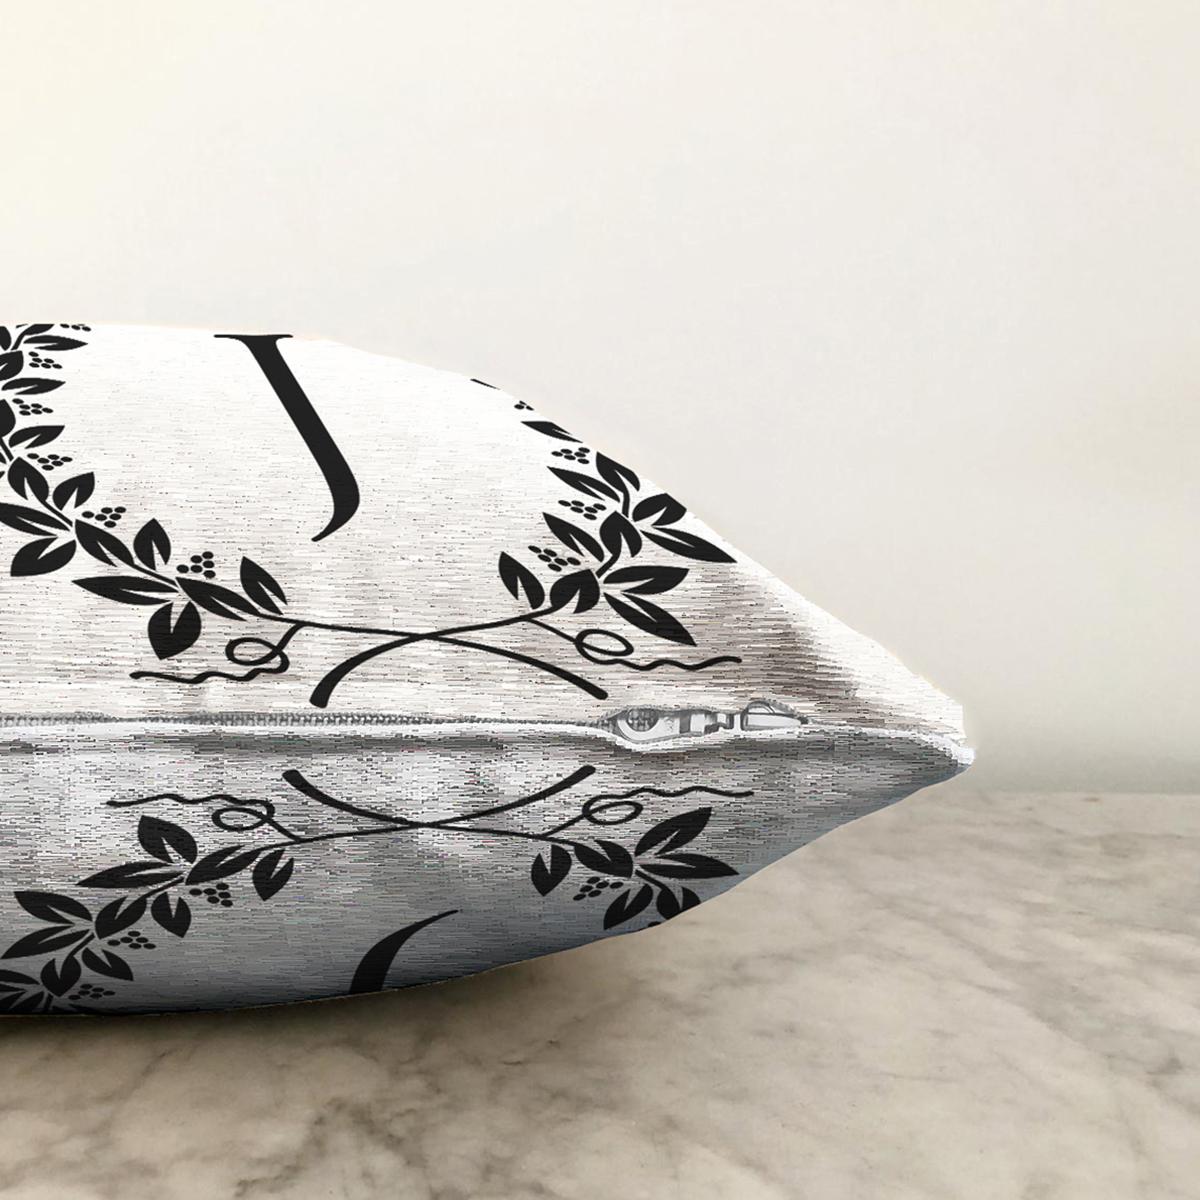 Siyah Beyaz Çelenkli J Harfi Özel Tasarım Dijital Baskılı Şönil Yastık Kırlent Kılıfı Realhomes